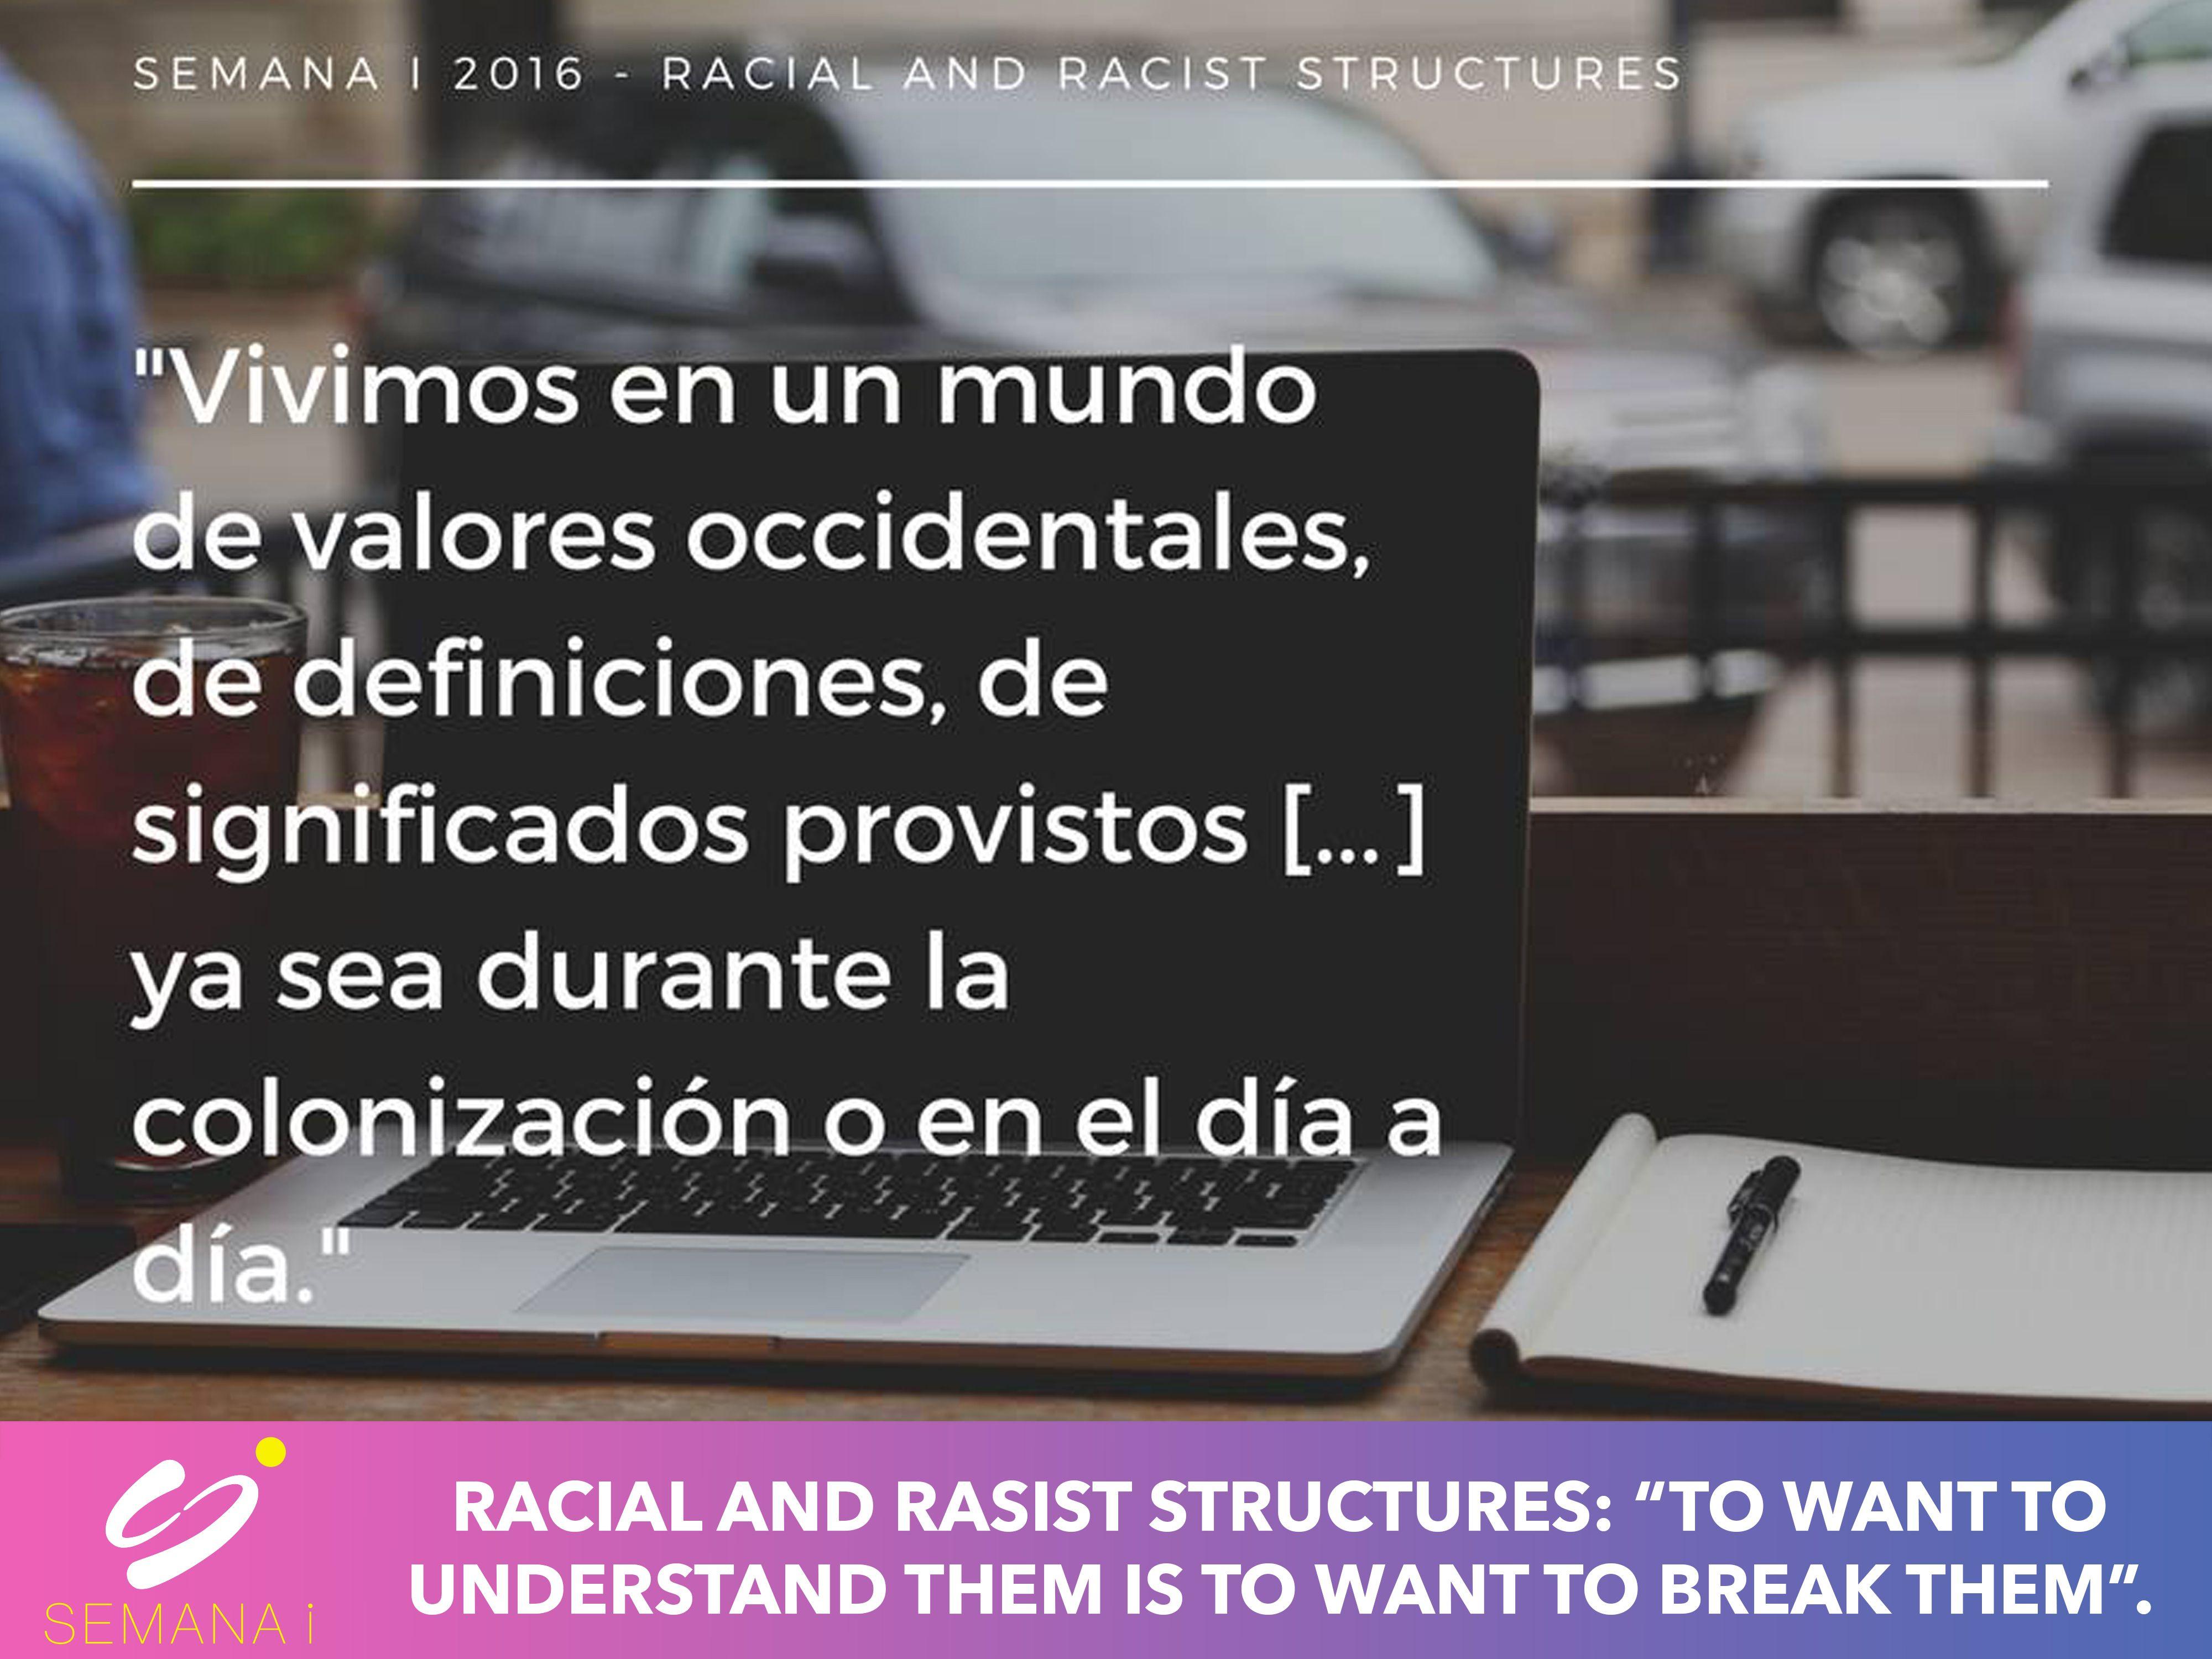 """Racial and Racist Structures: """" To want to understand them is to want to break them""""  Vivimos en un mundo de valores occidentales de definiciones, de significados provistos ... ya sea durante la colonización o en el día a día"""